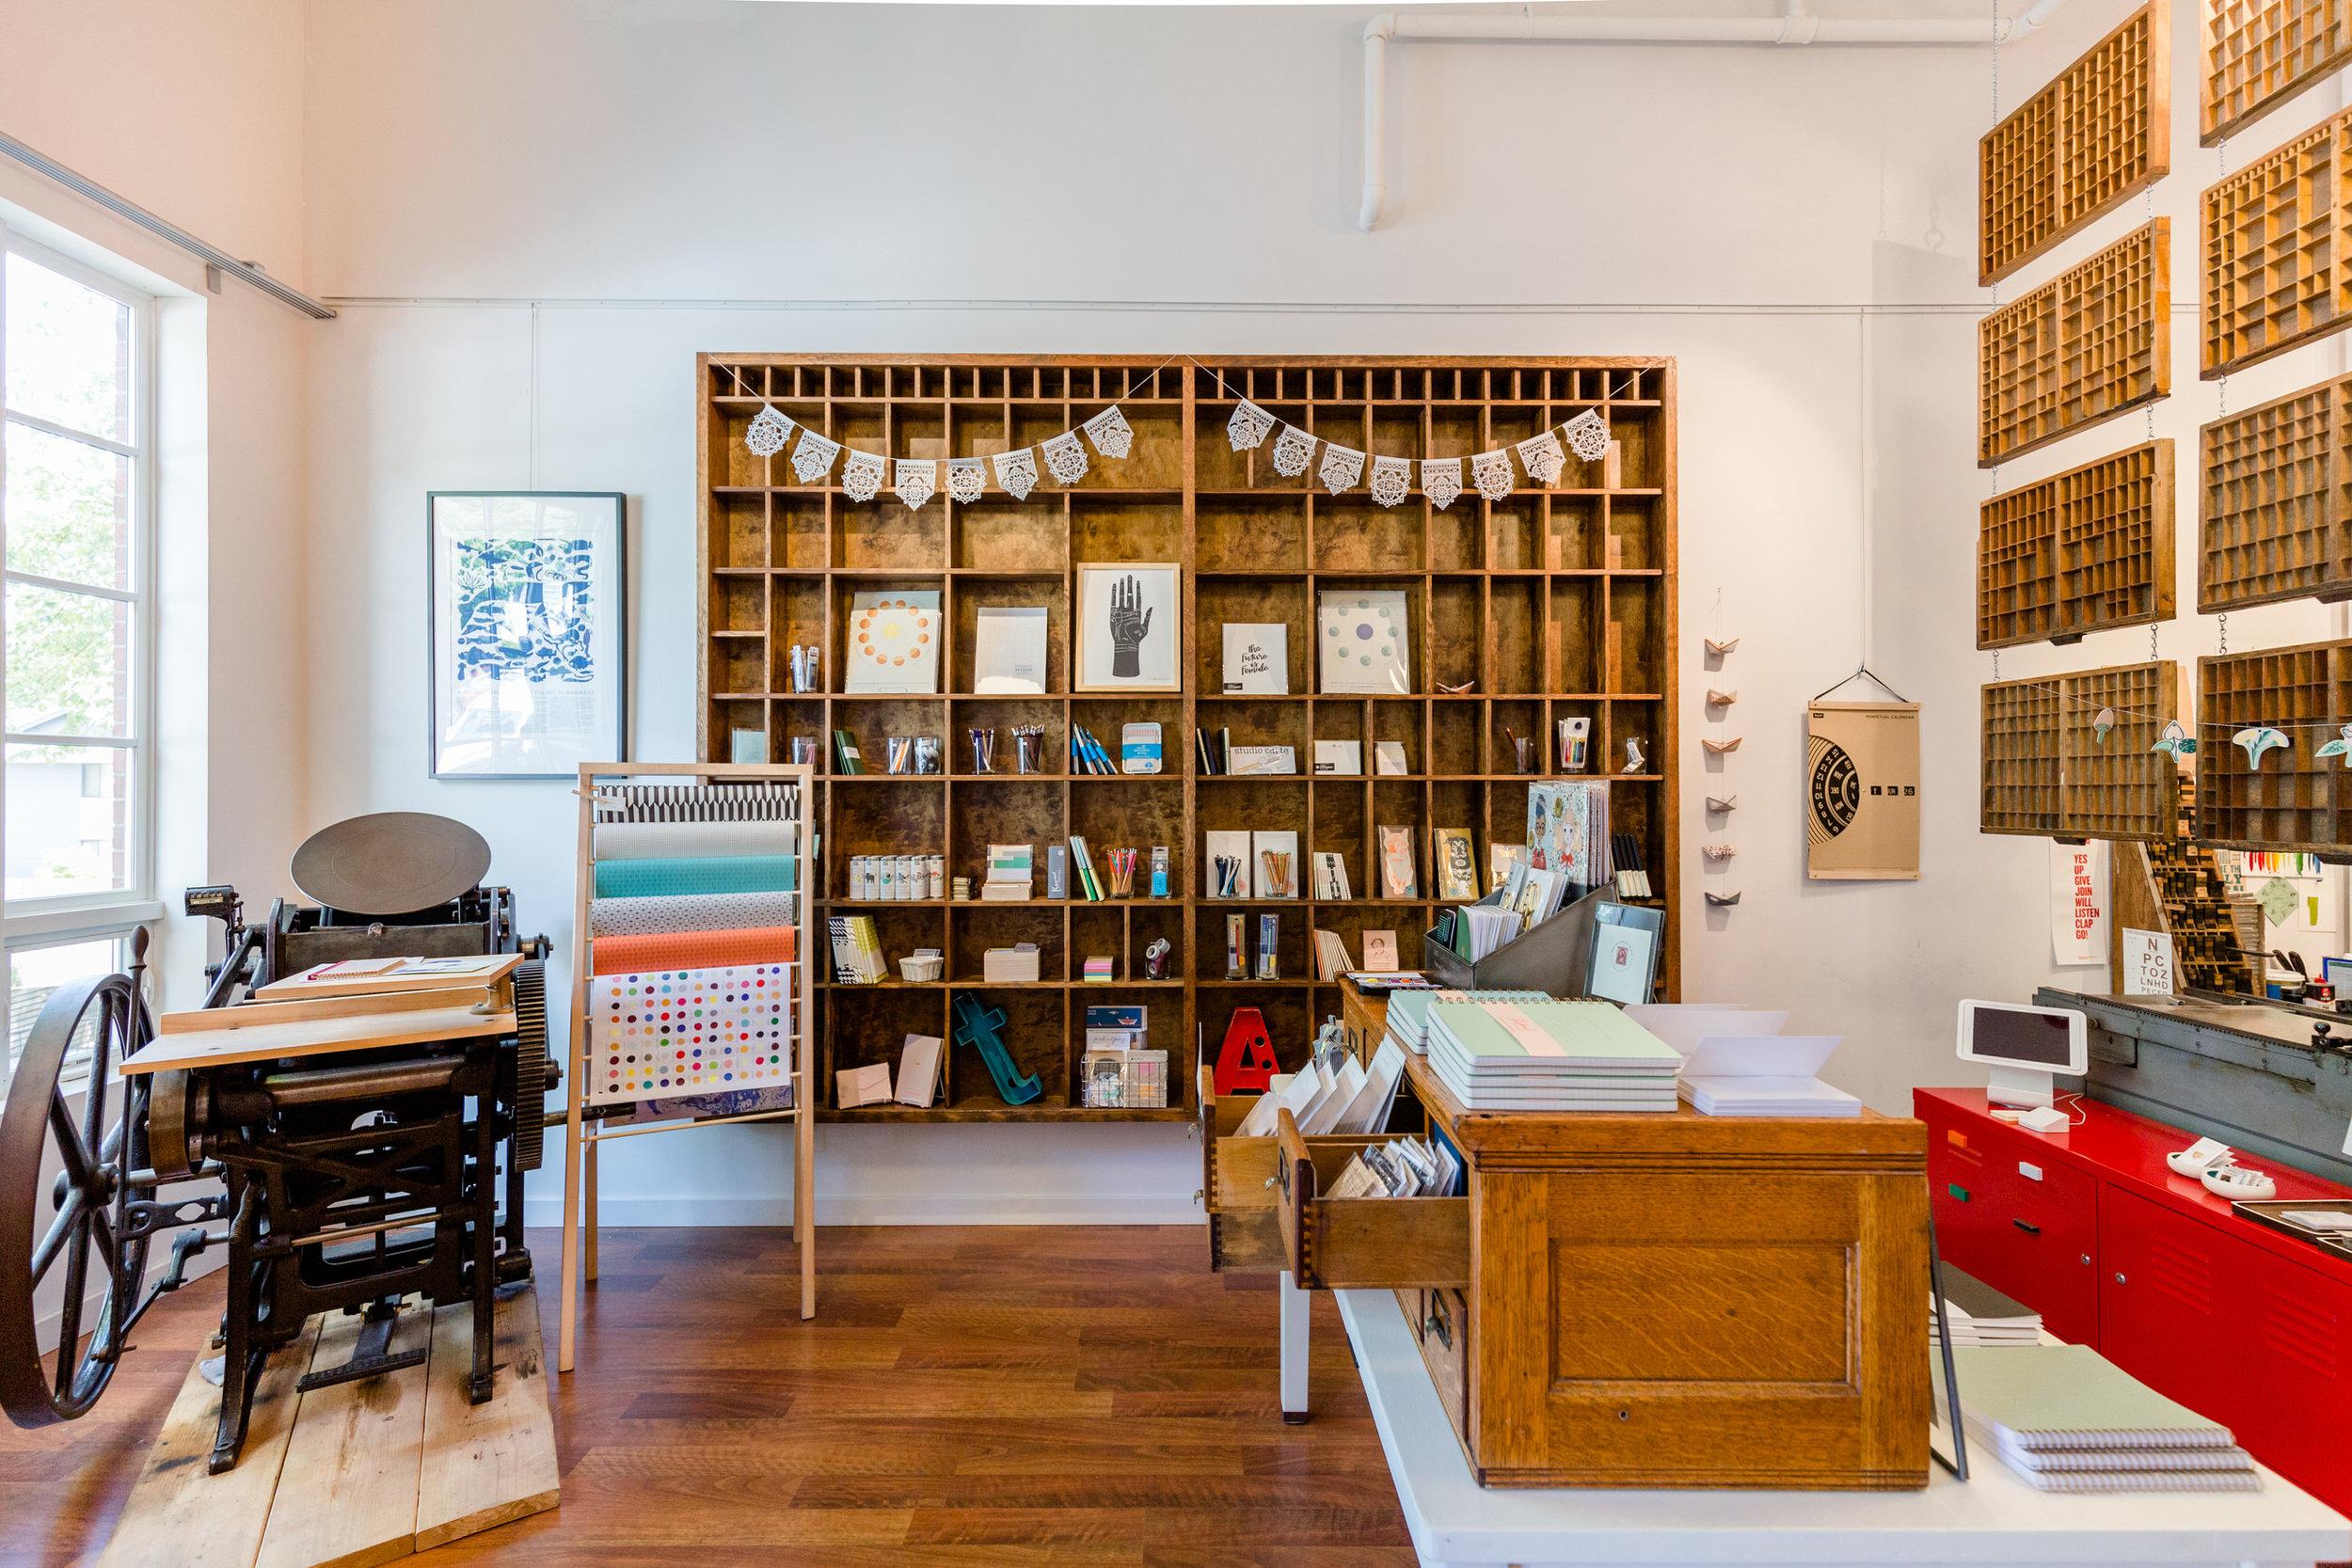 Grapheme Letterpress + Shop